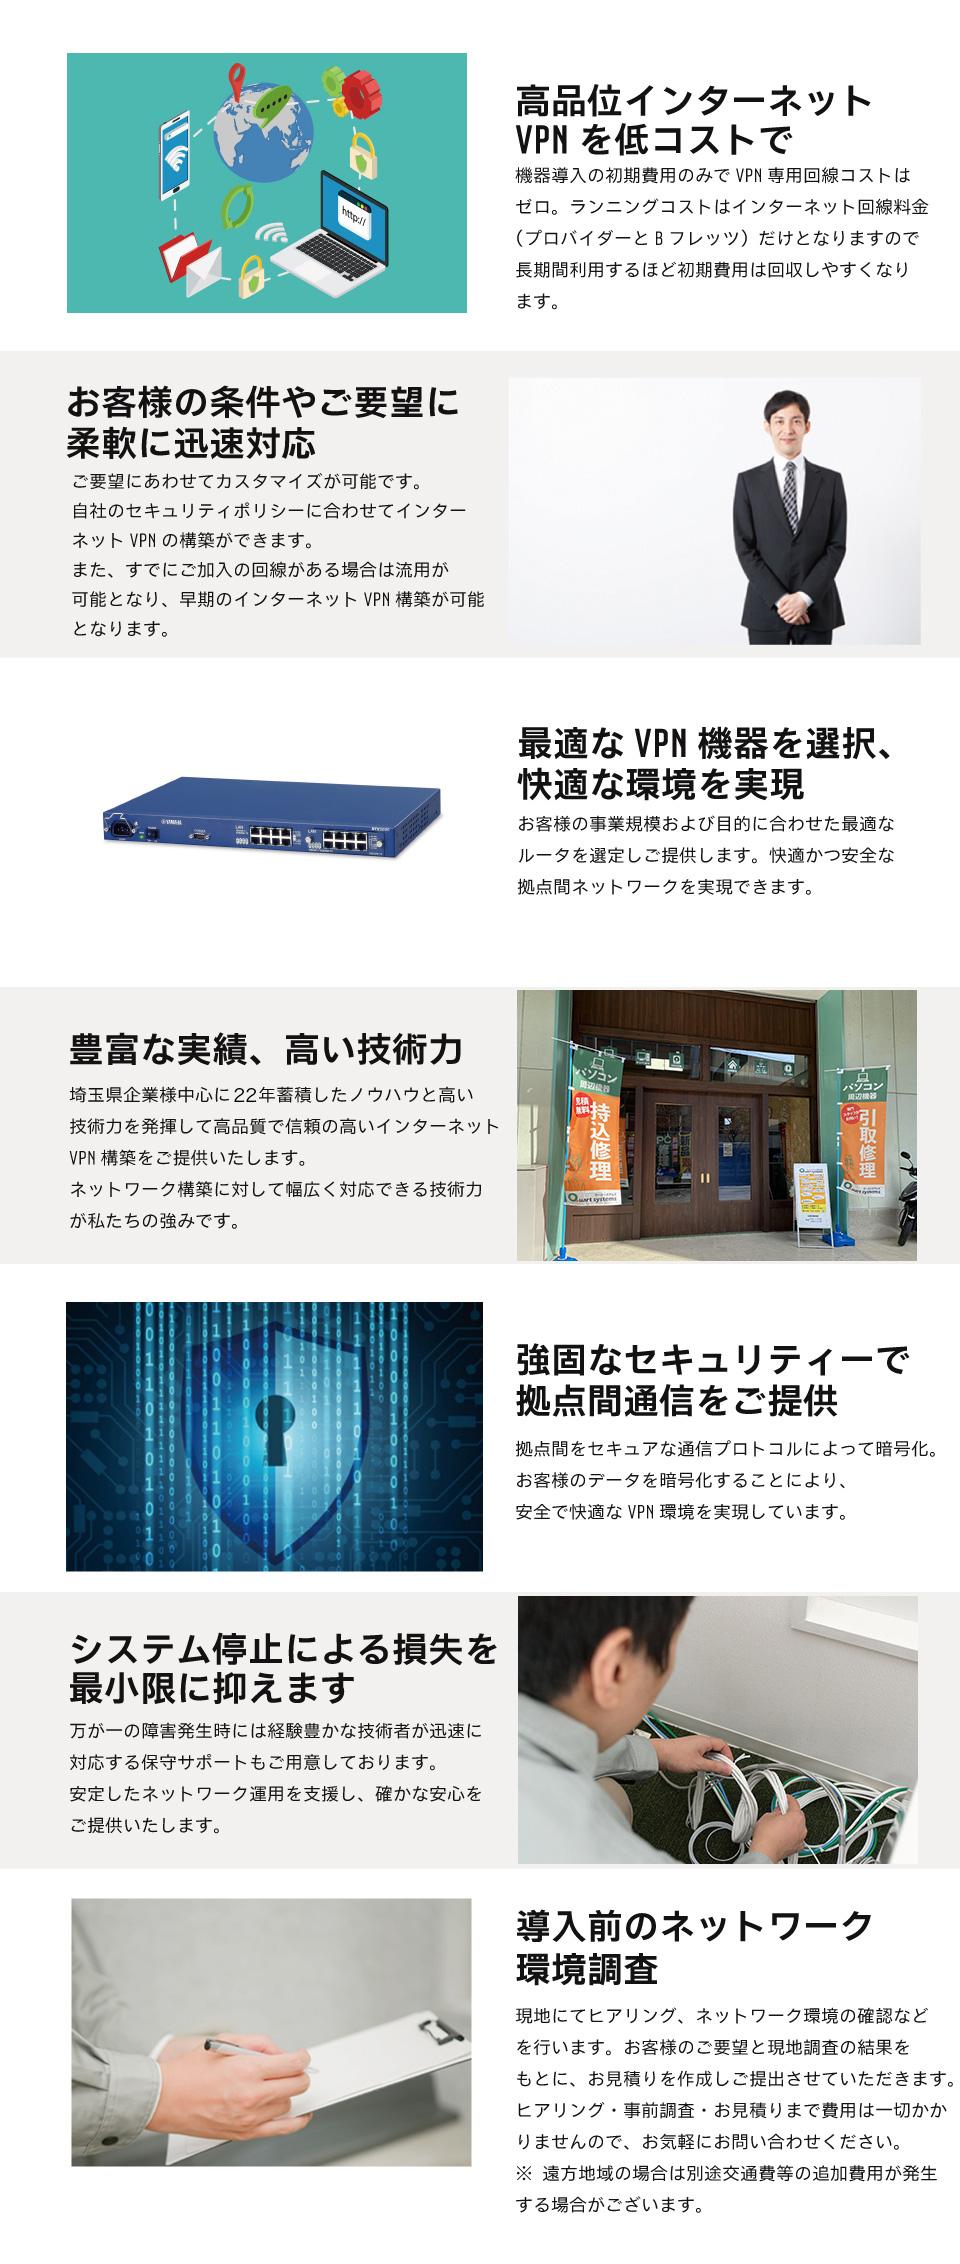 VPN構築に関するお悩みはカールシステムズが解決します。